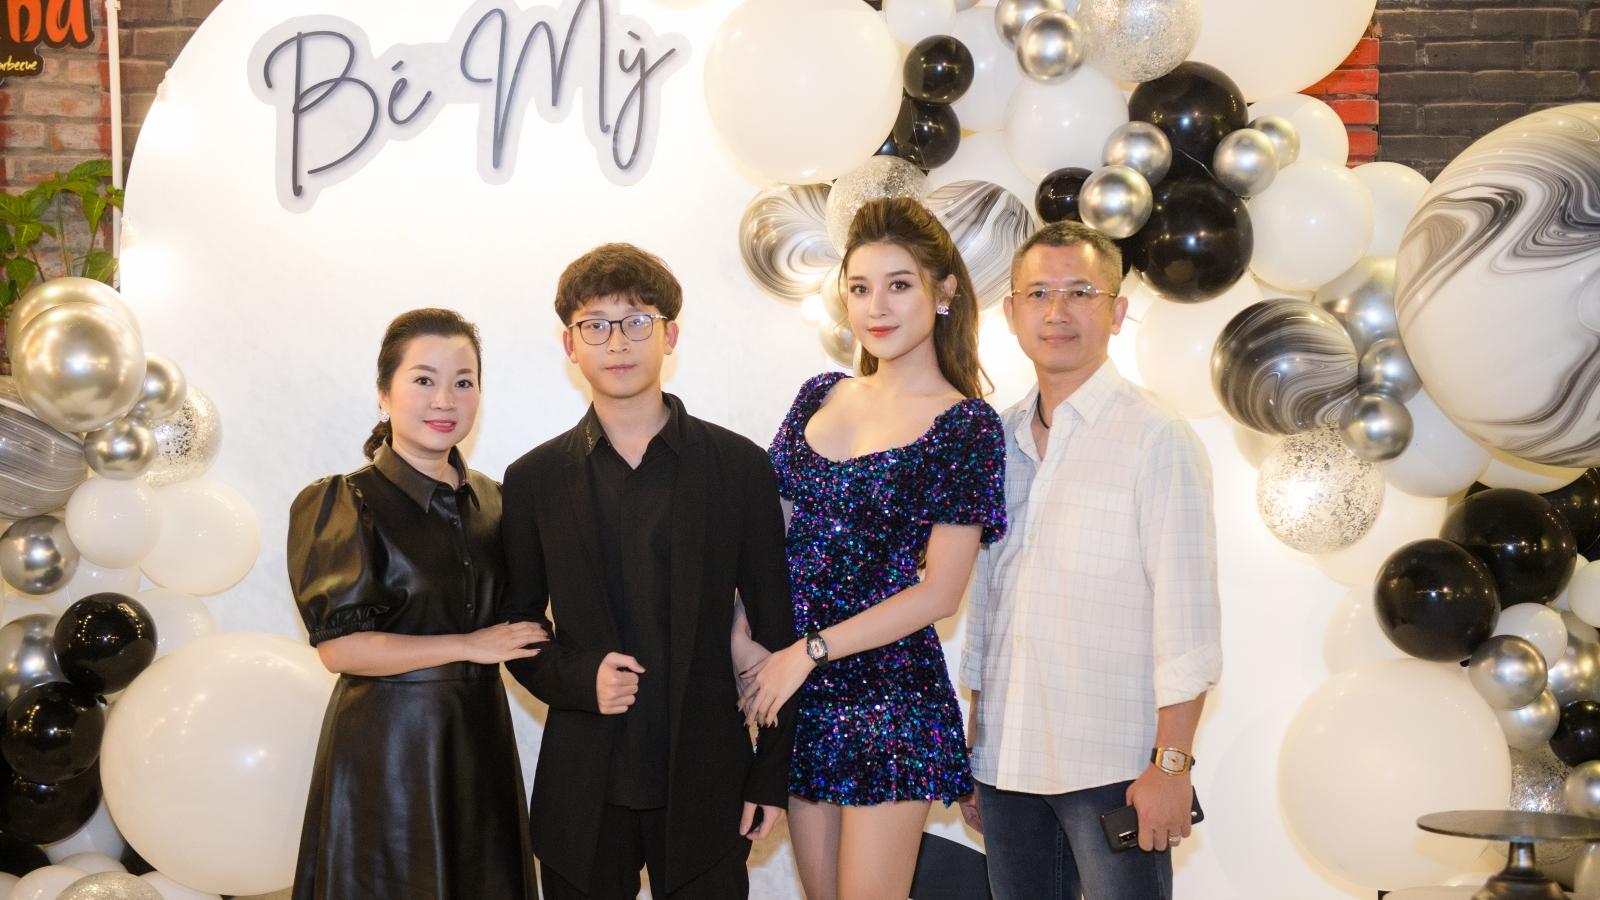 """Á hậu Huyền My """"tình tứ"""" bên cầu thủ Trọng Đại trong tiệc sinh nhật"""